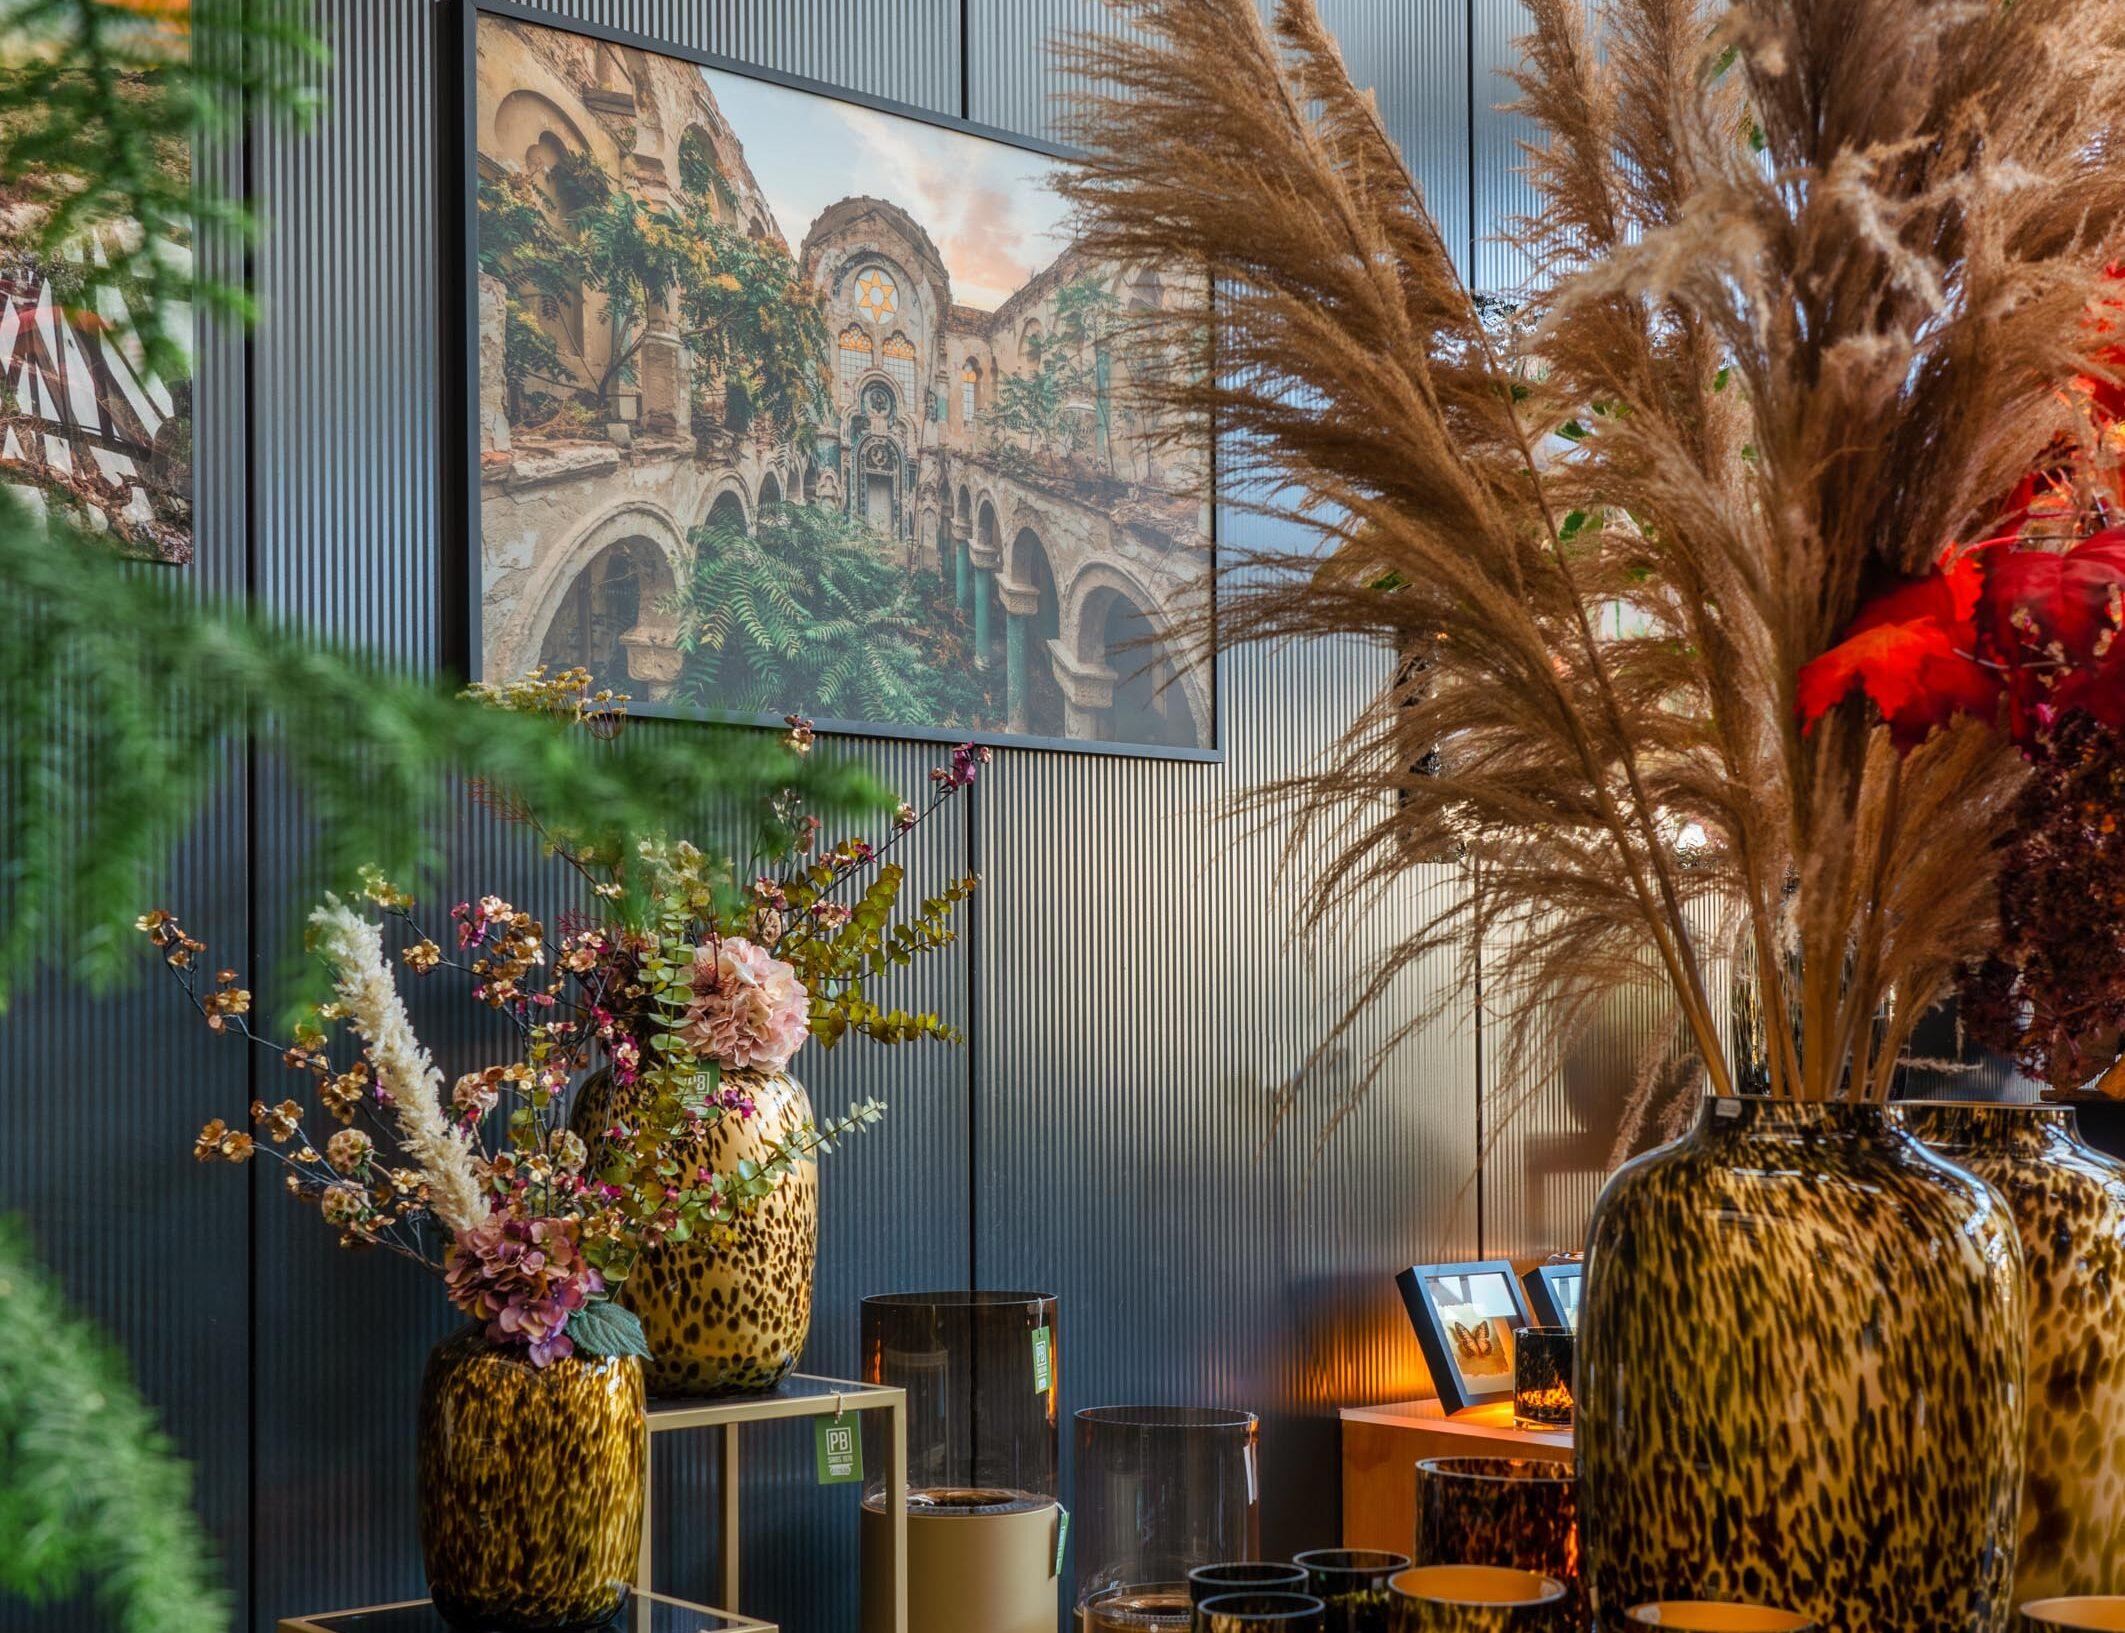 Postelmans bloemisten - Schilderij kopen, tilburg centrum, nederland di449